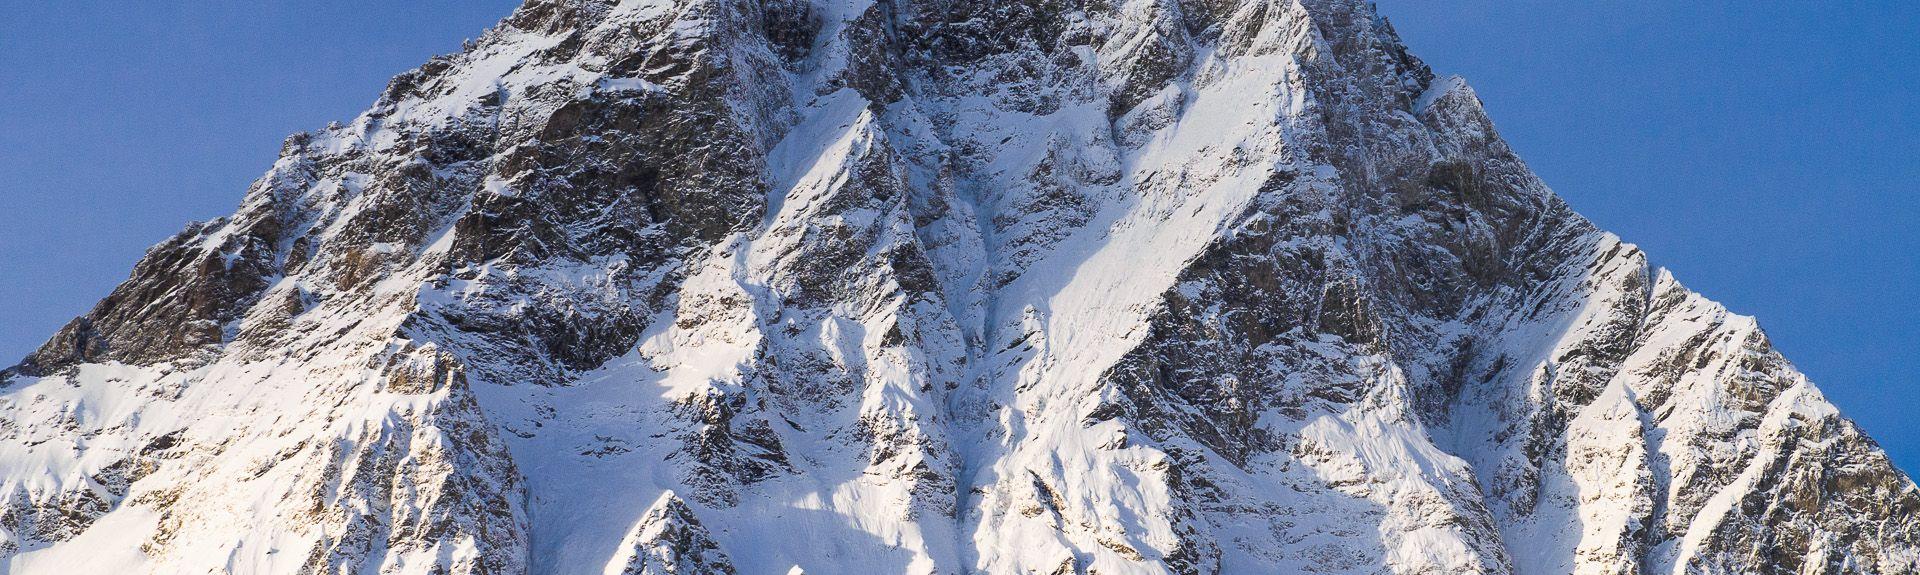 Stazione sciistica di Torgnon, Mongnod, Valle d'Aosta, Italia